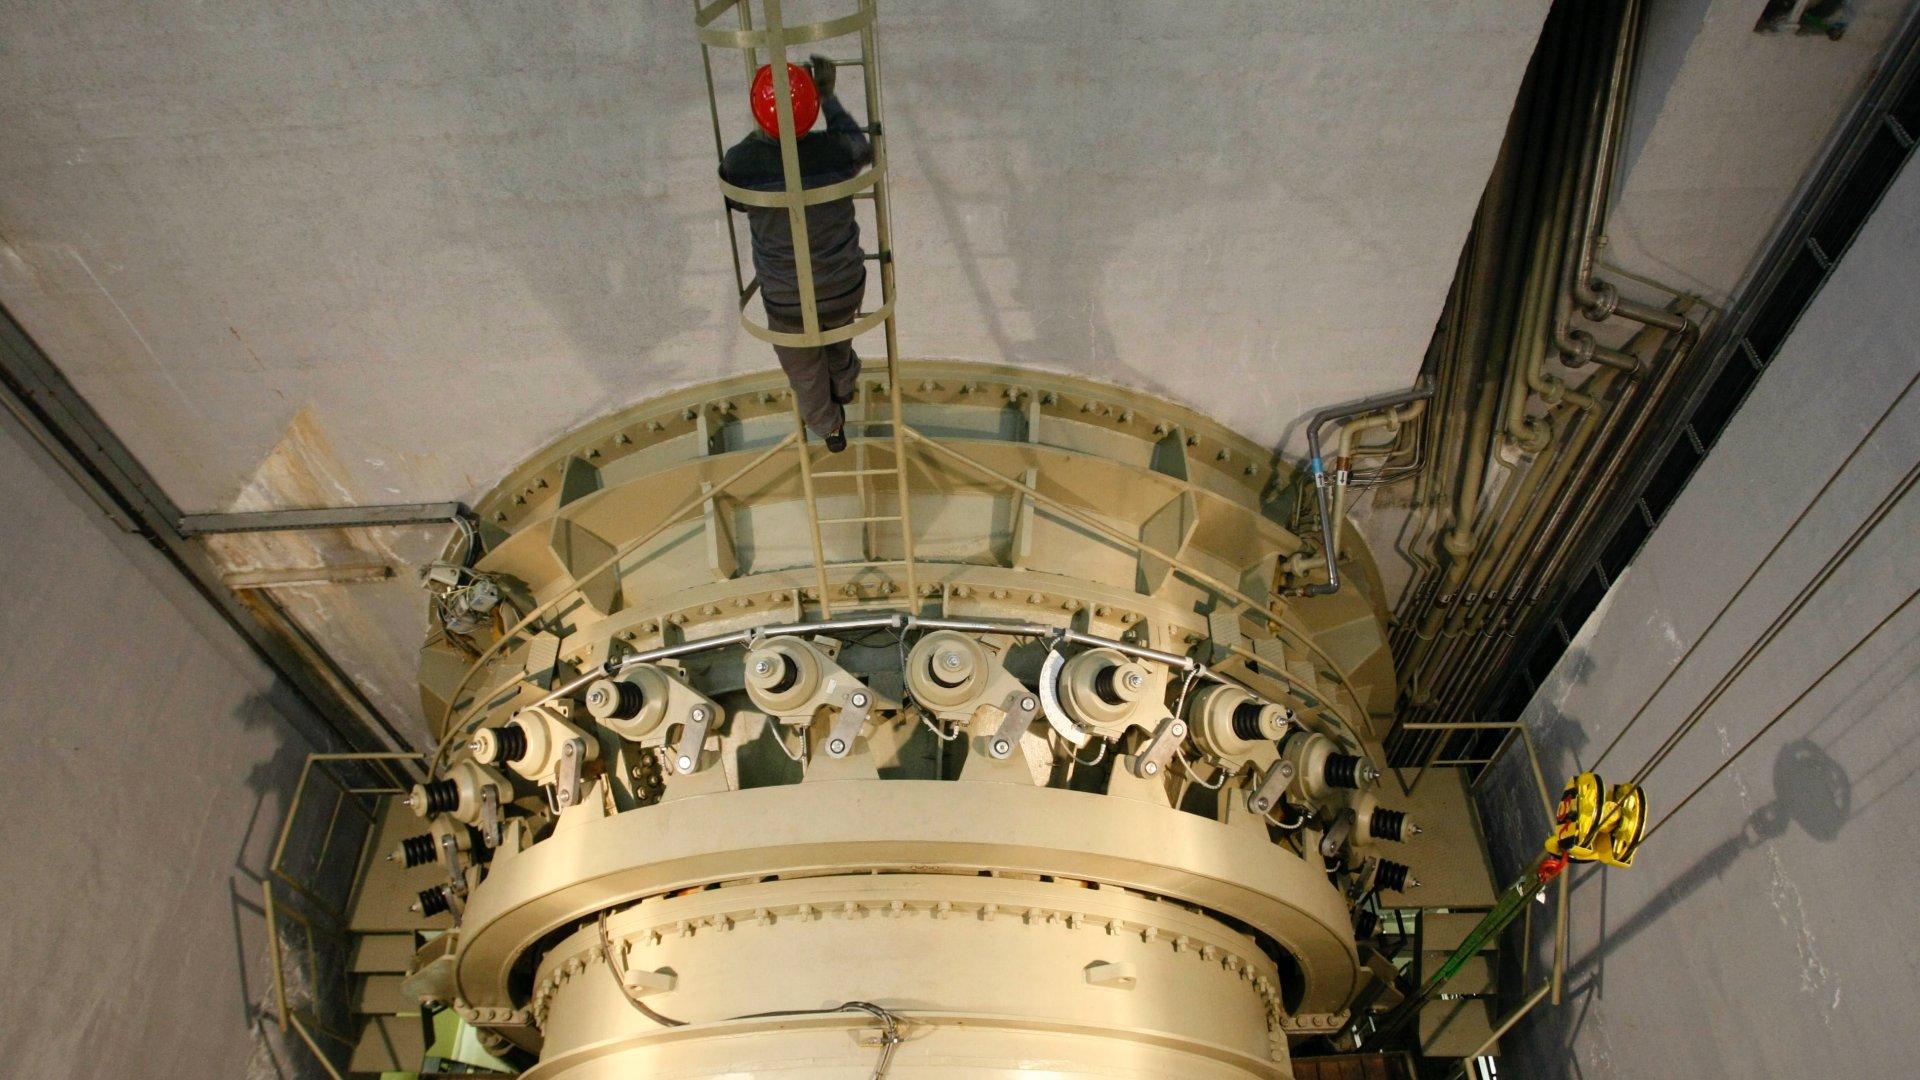 A kiskörei vízerőmű turbinája